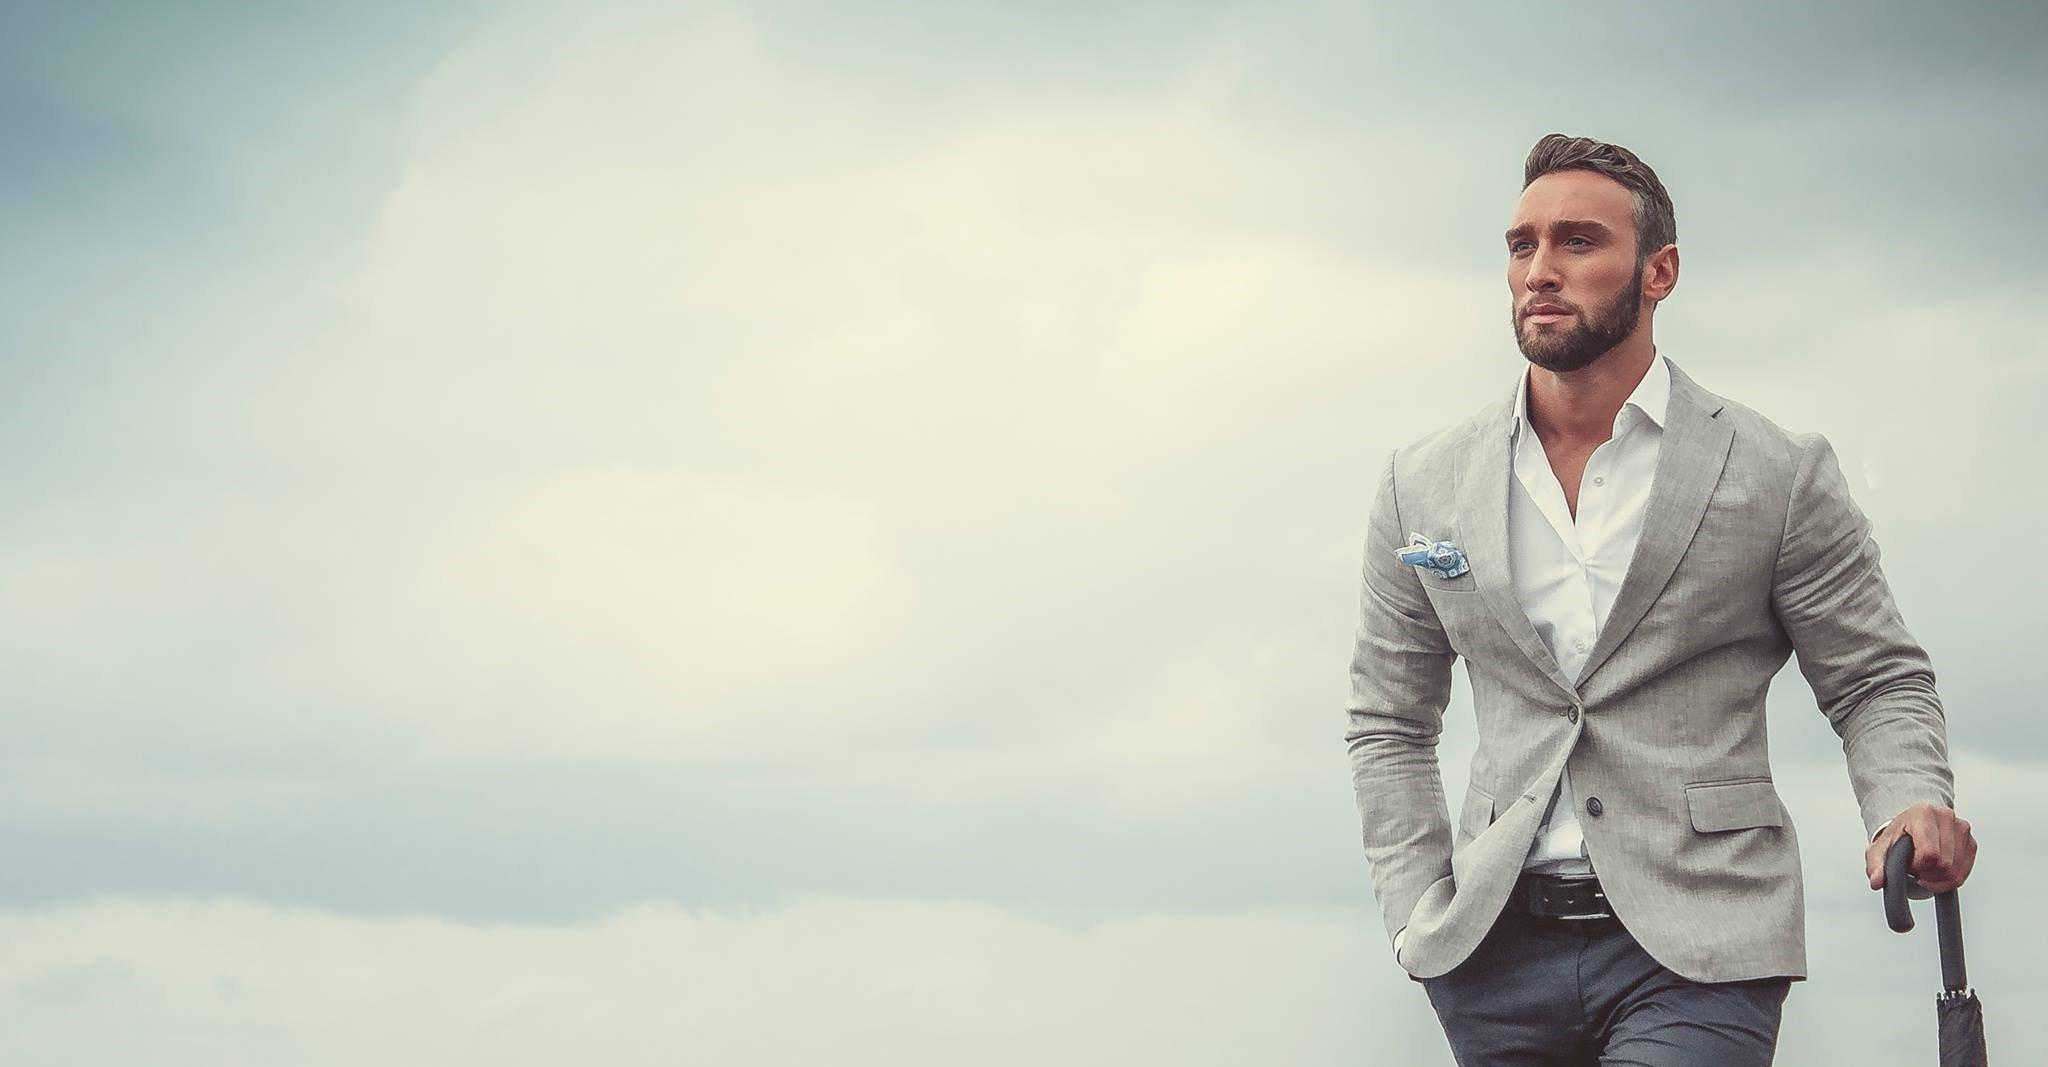 Иракли Макацария вошел в десятку самых стильных мужчин Украины